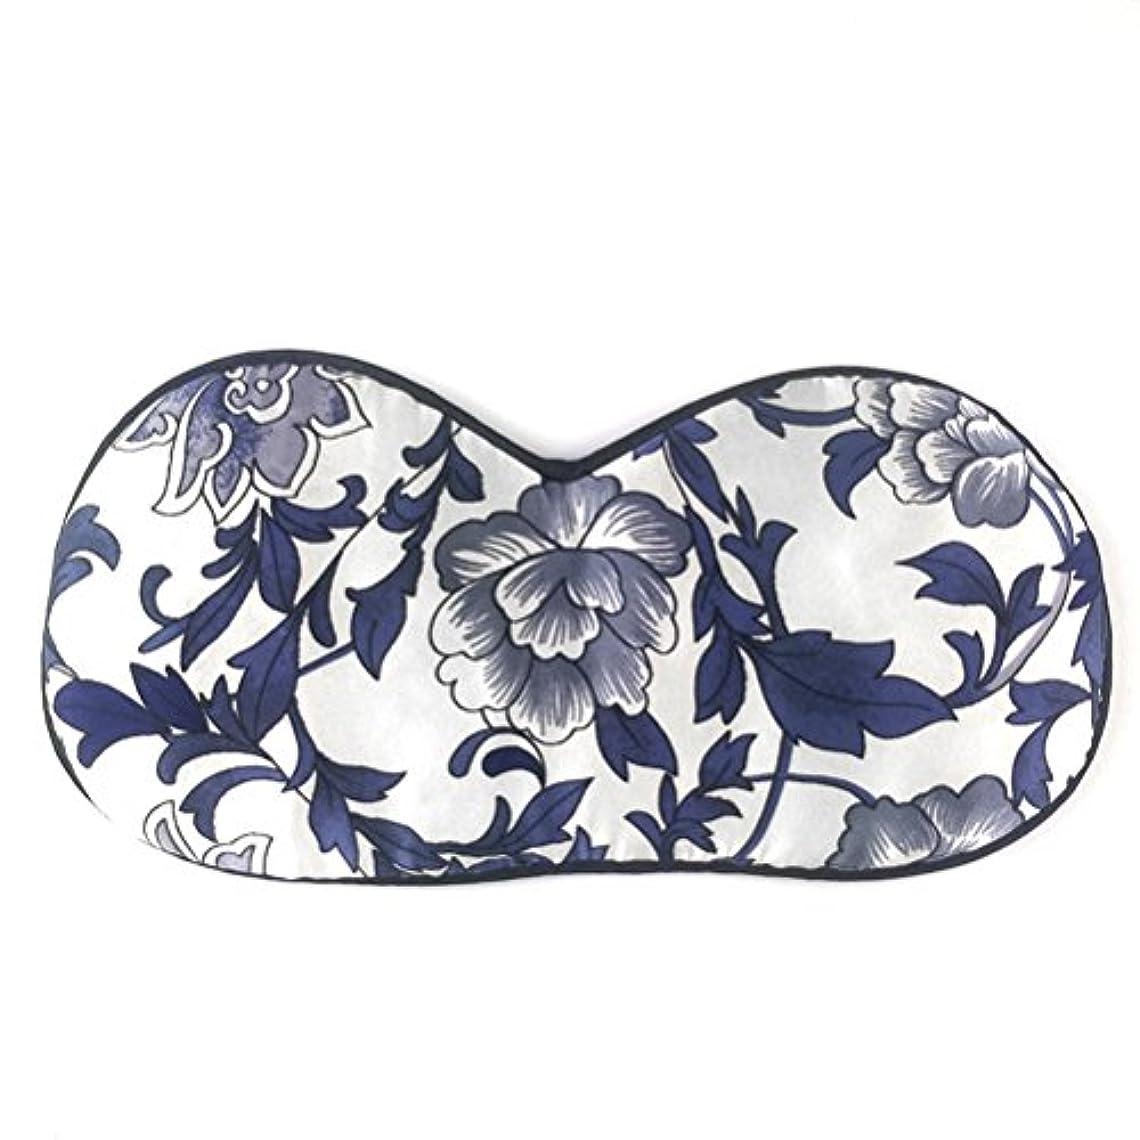 捨てる共産主義コピーULTNICE シルク睡眠の目のマスク目隠しのアイシャドウ女性のための睡眠の昼寝の瞑想(青と白の磁器)